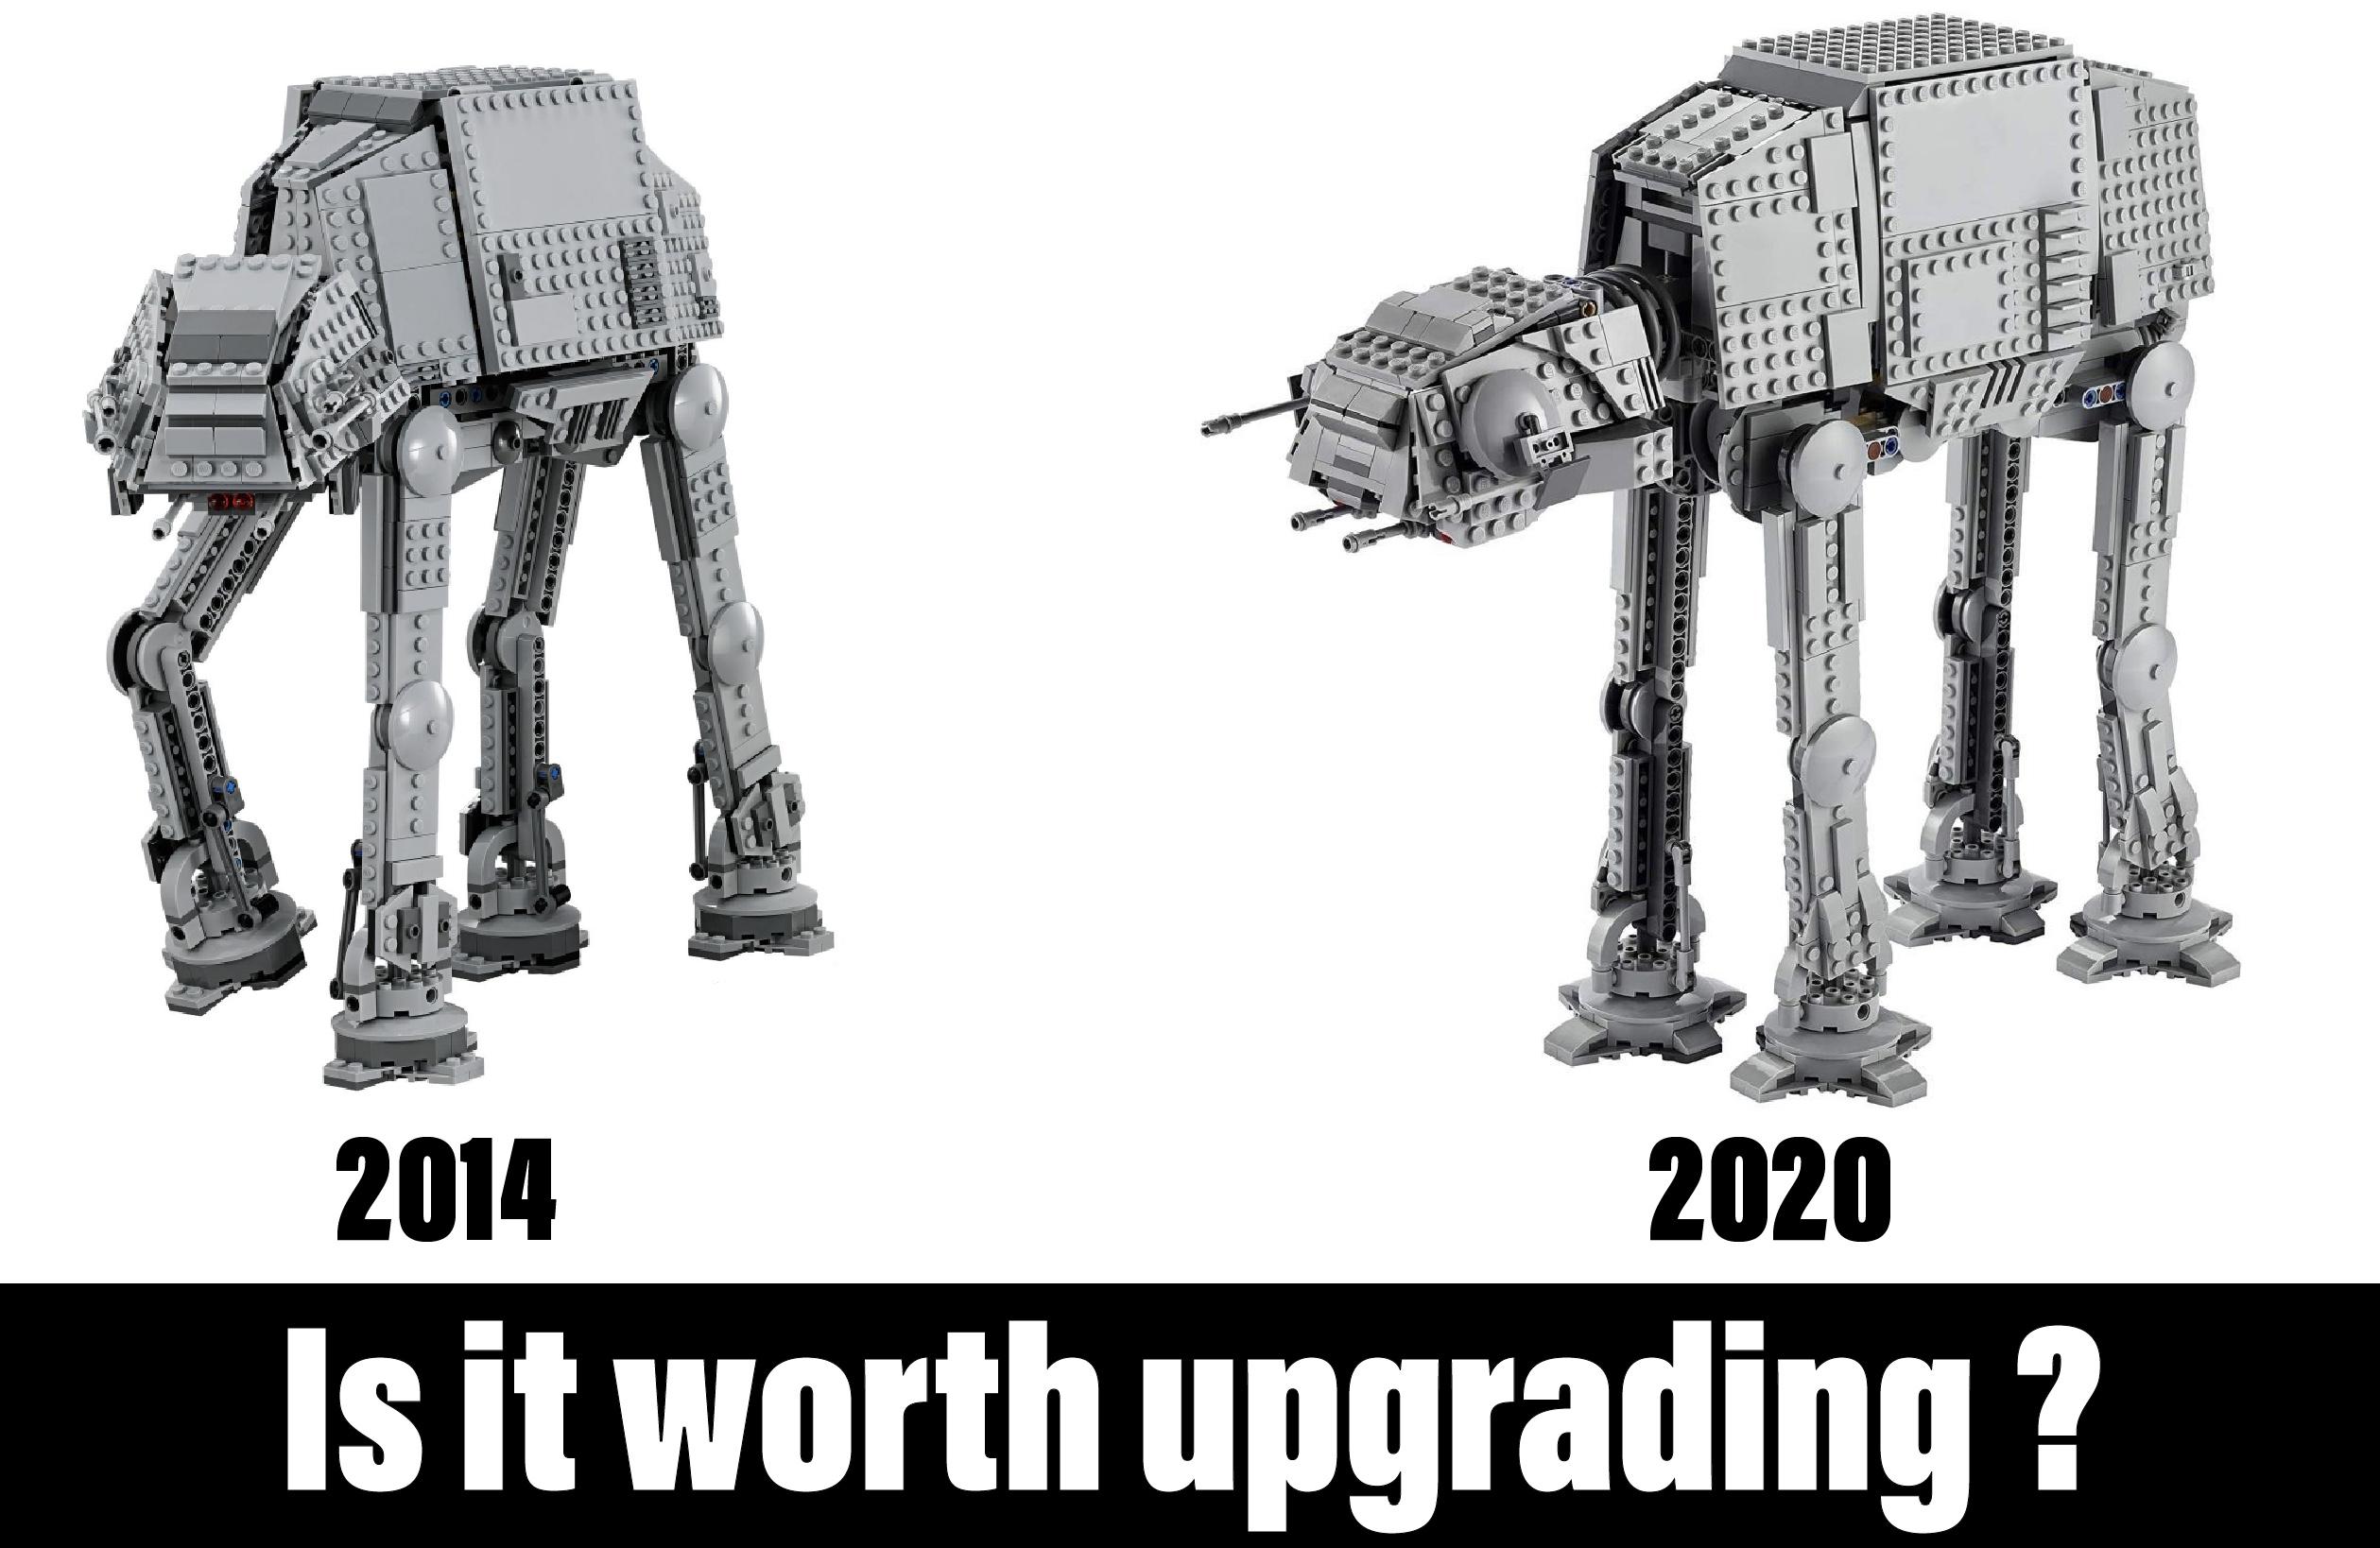 lego collectors conundrums upgrades